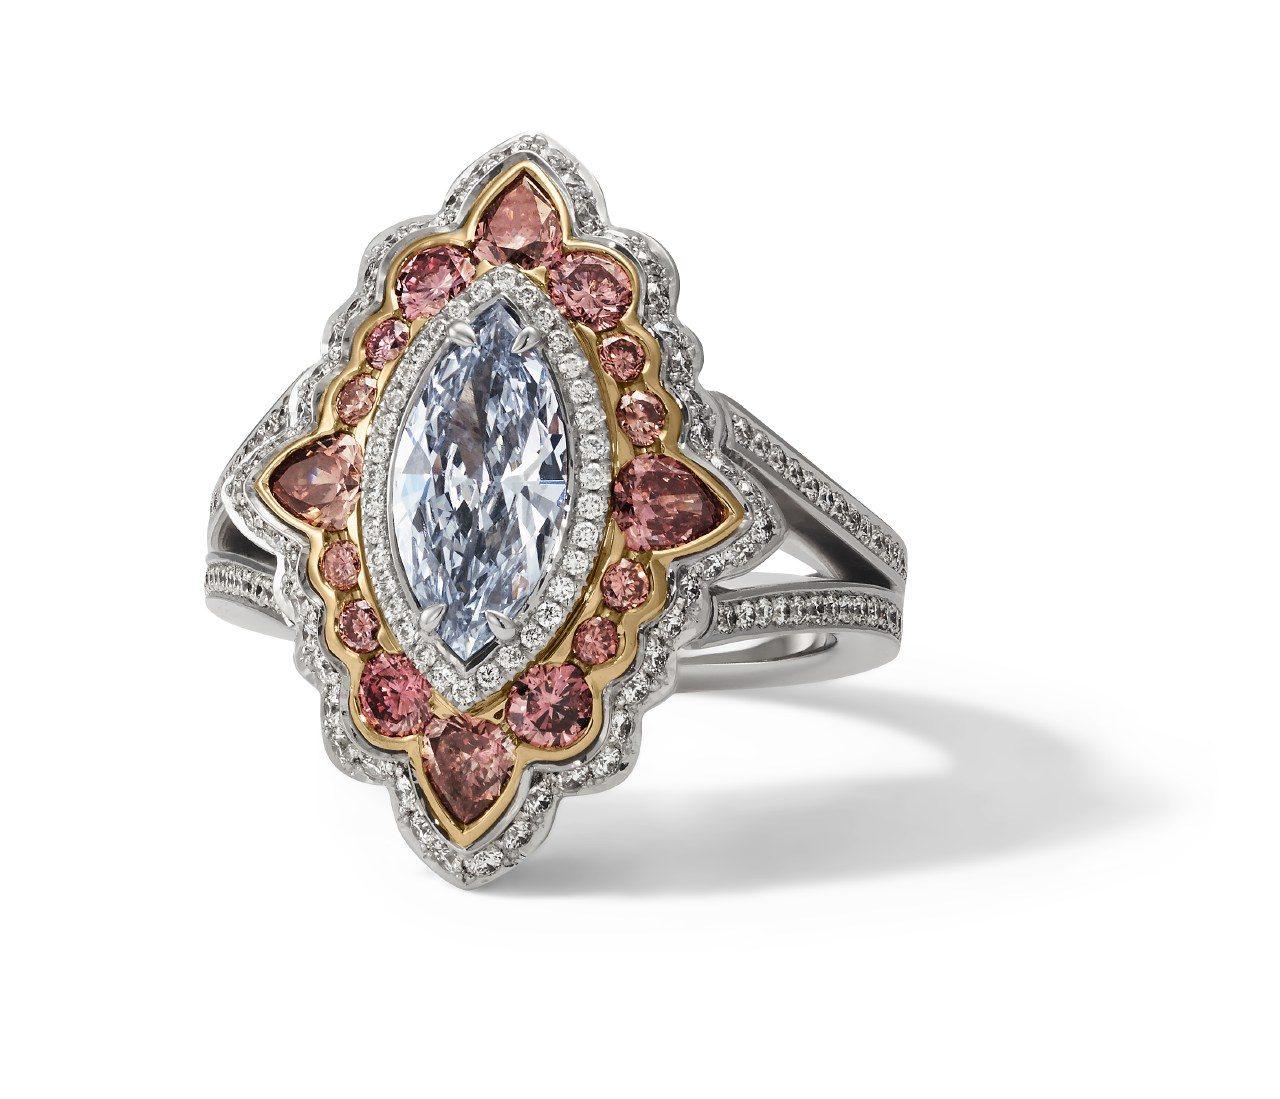 04. H. D. Krieger - Ring, Diamonds - Fancy Light Blue + Pink02017-0050_rgb